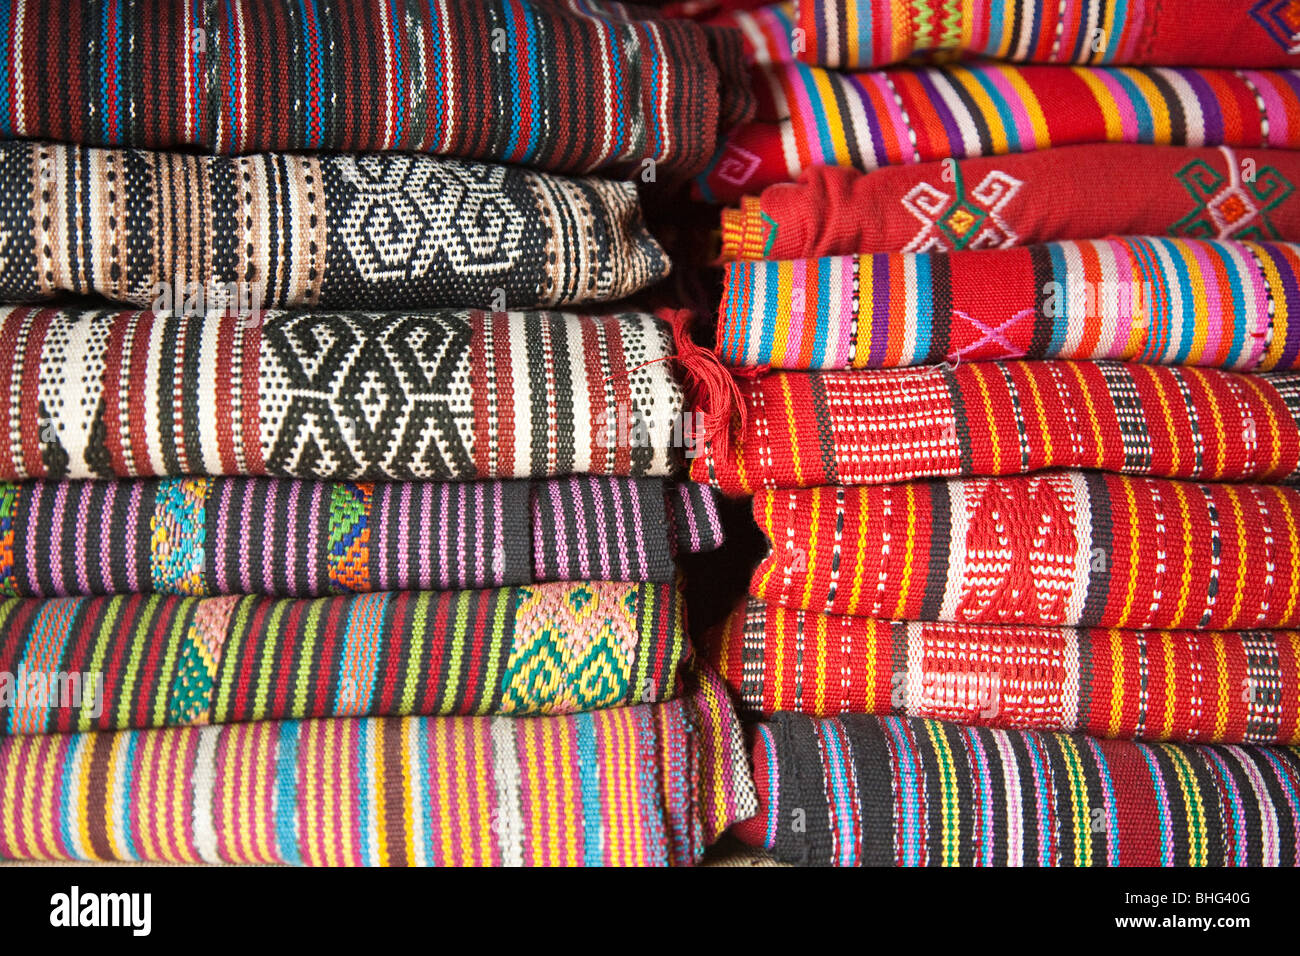 Tradizionale panno tais nel mercato di Dili Timor orientale Foto Stock